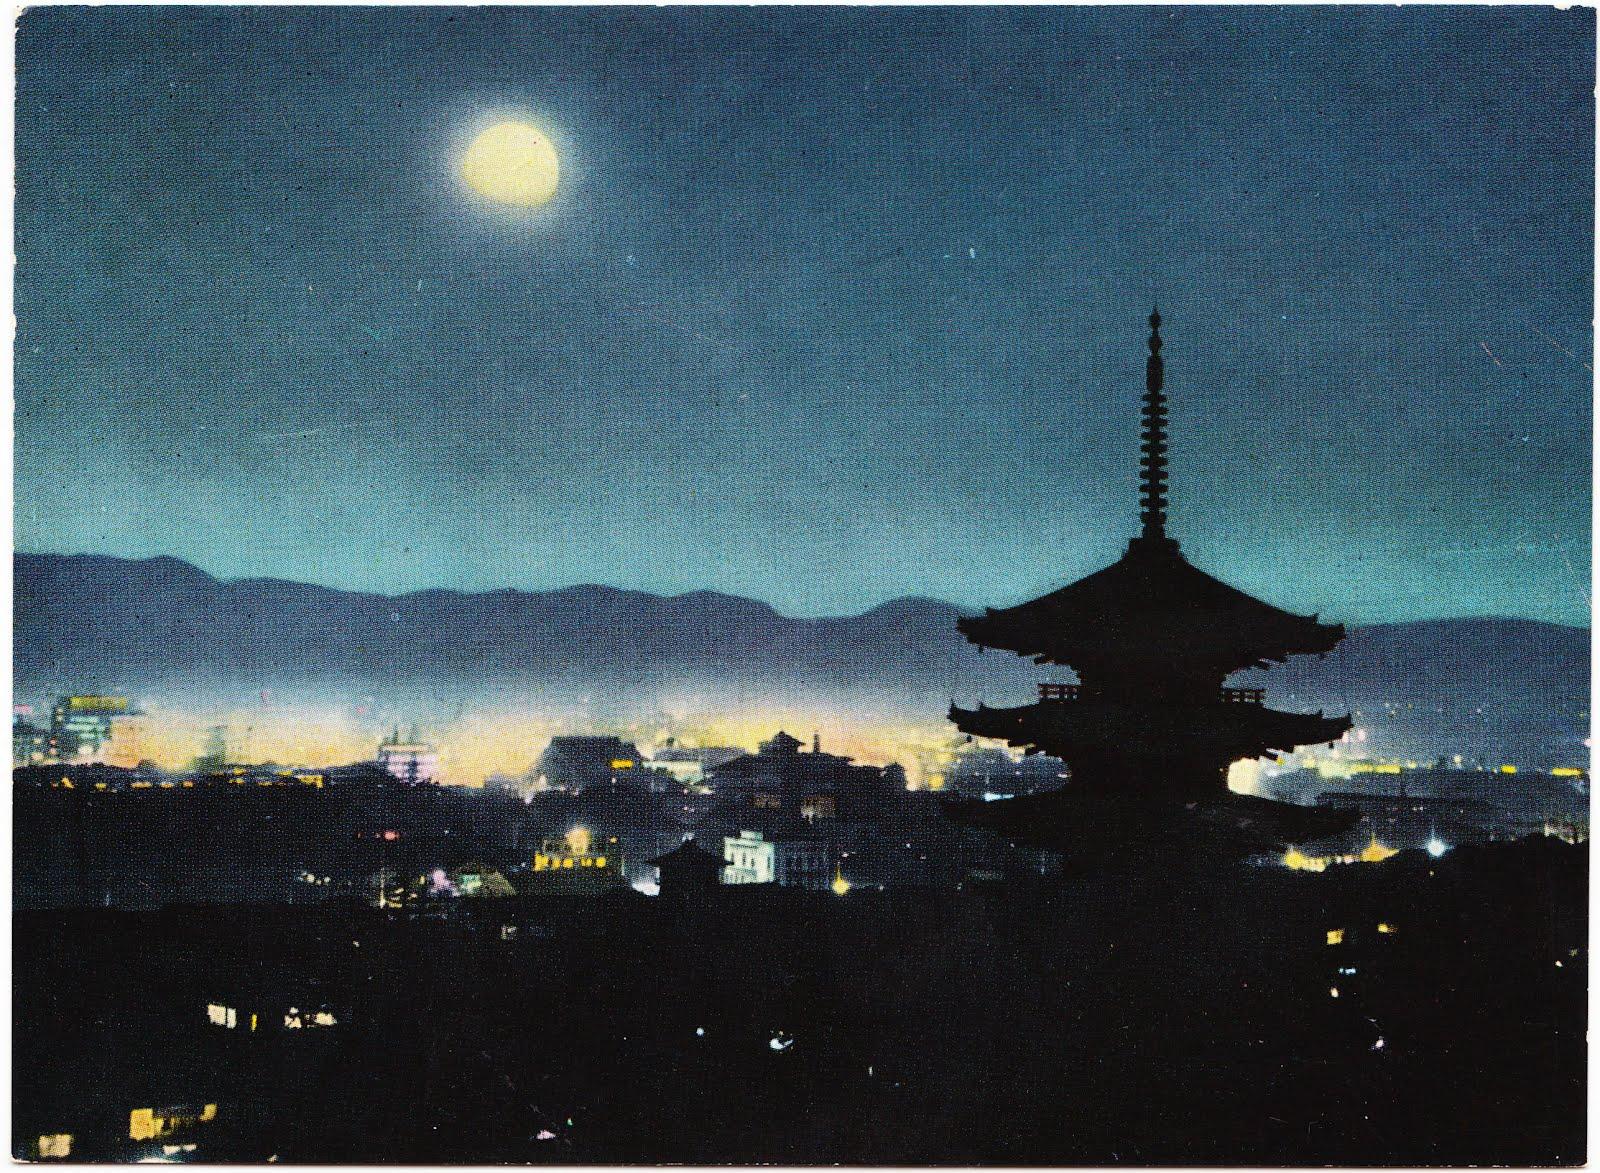 http://4.bp.blogspot.com/-jiJgCiptcg4/UC_eP1jHolI/AAAAAAAAG_8/taaXBdgAWLI/s1600/YasakaPagoda.jpg